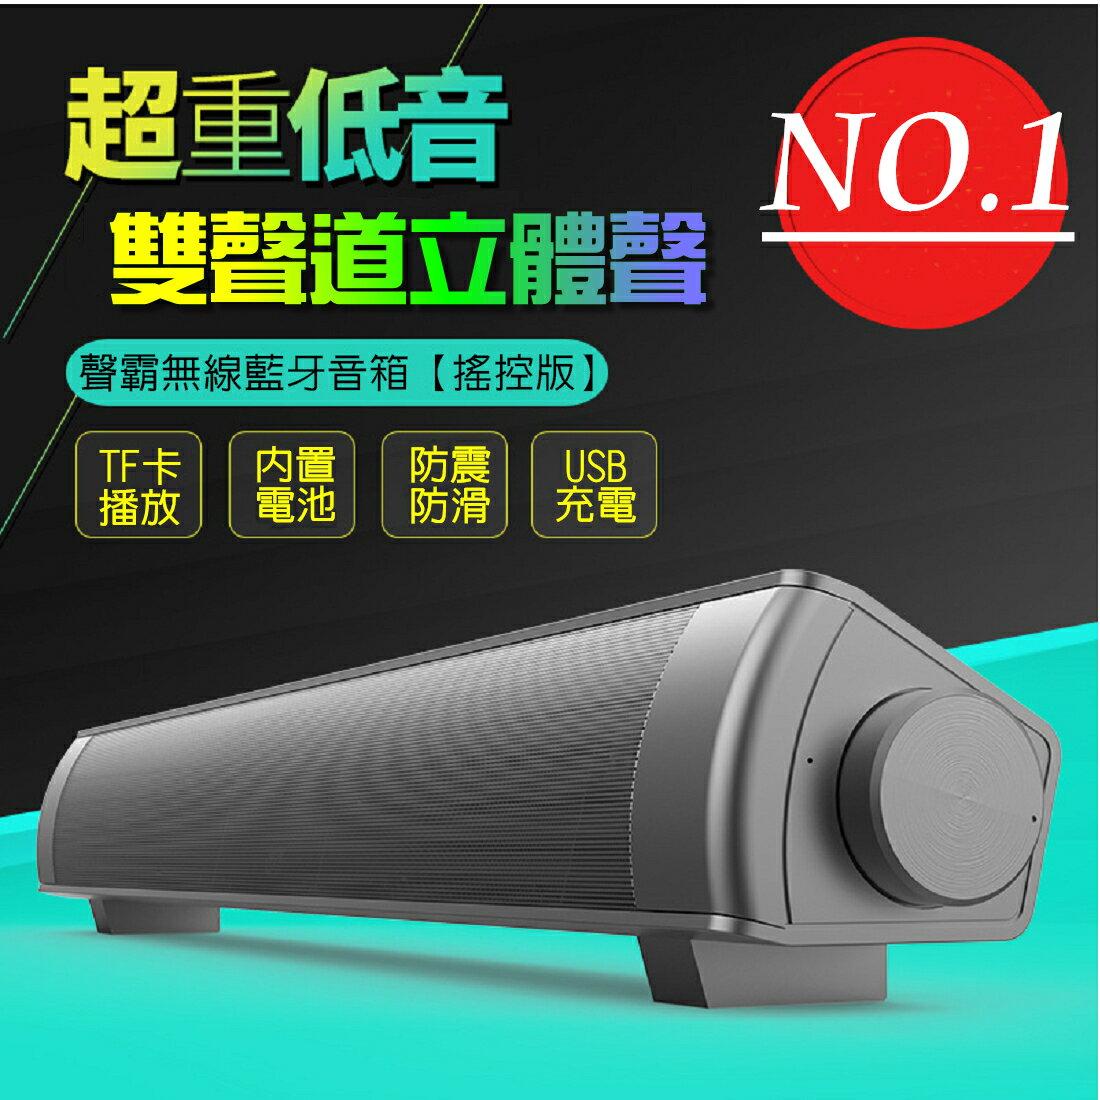 【免運費 贈搖控器】雙聲道立體聲 低音炮 藍牙音箱 藍芽喇叭 插卡音箱 無線音響 AUX模式 免提通話